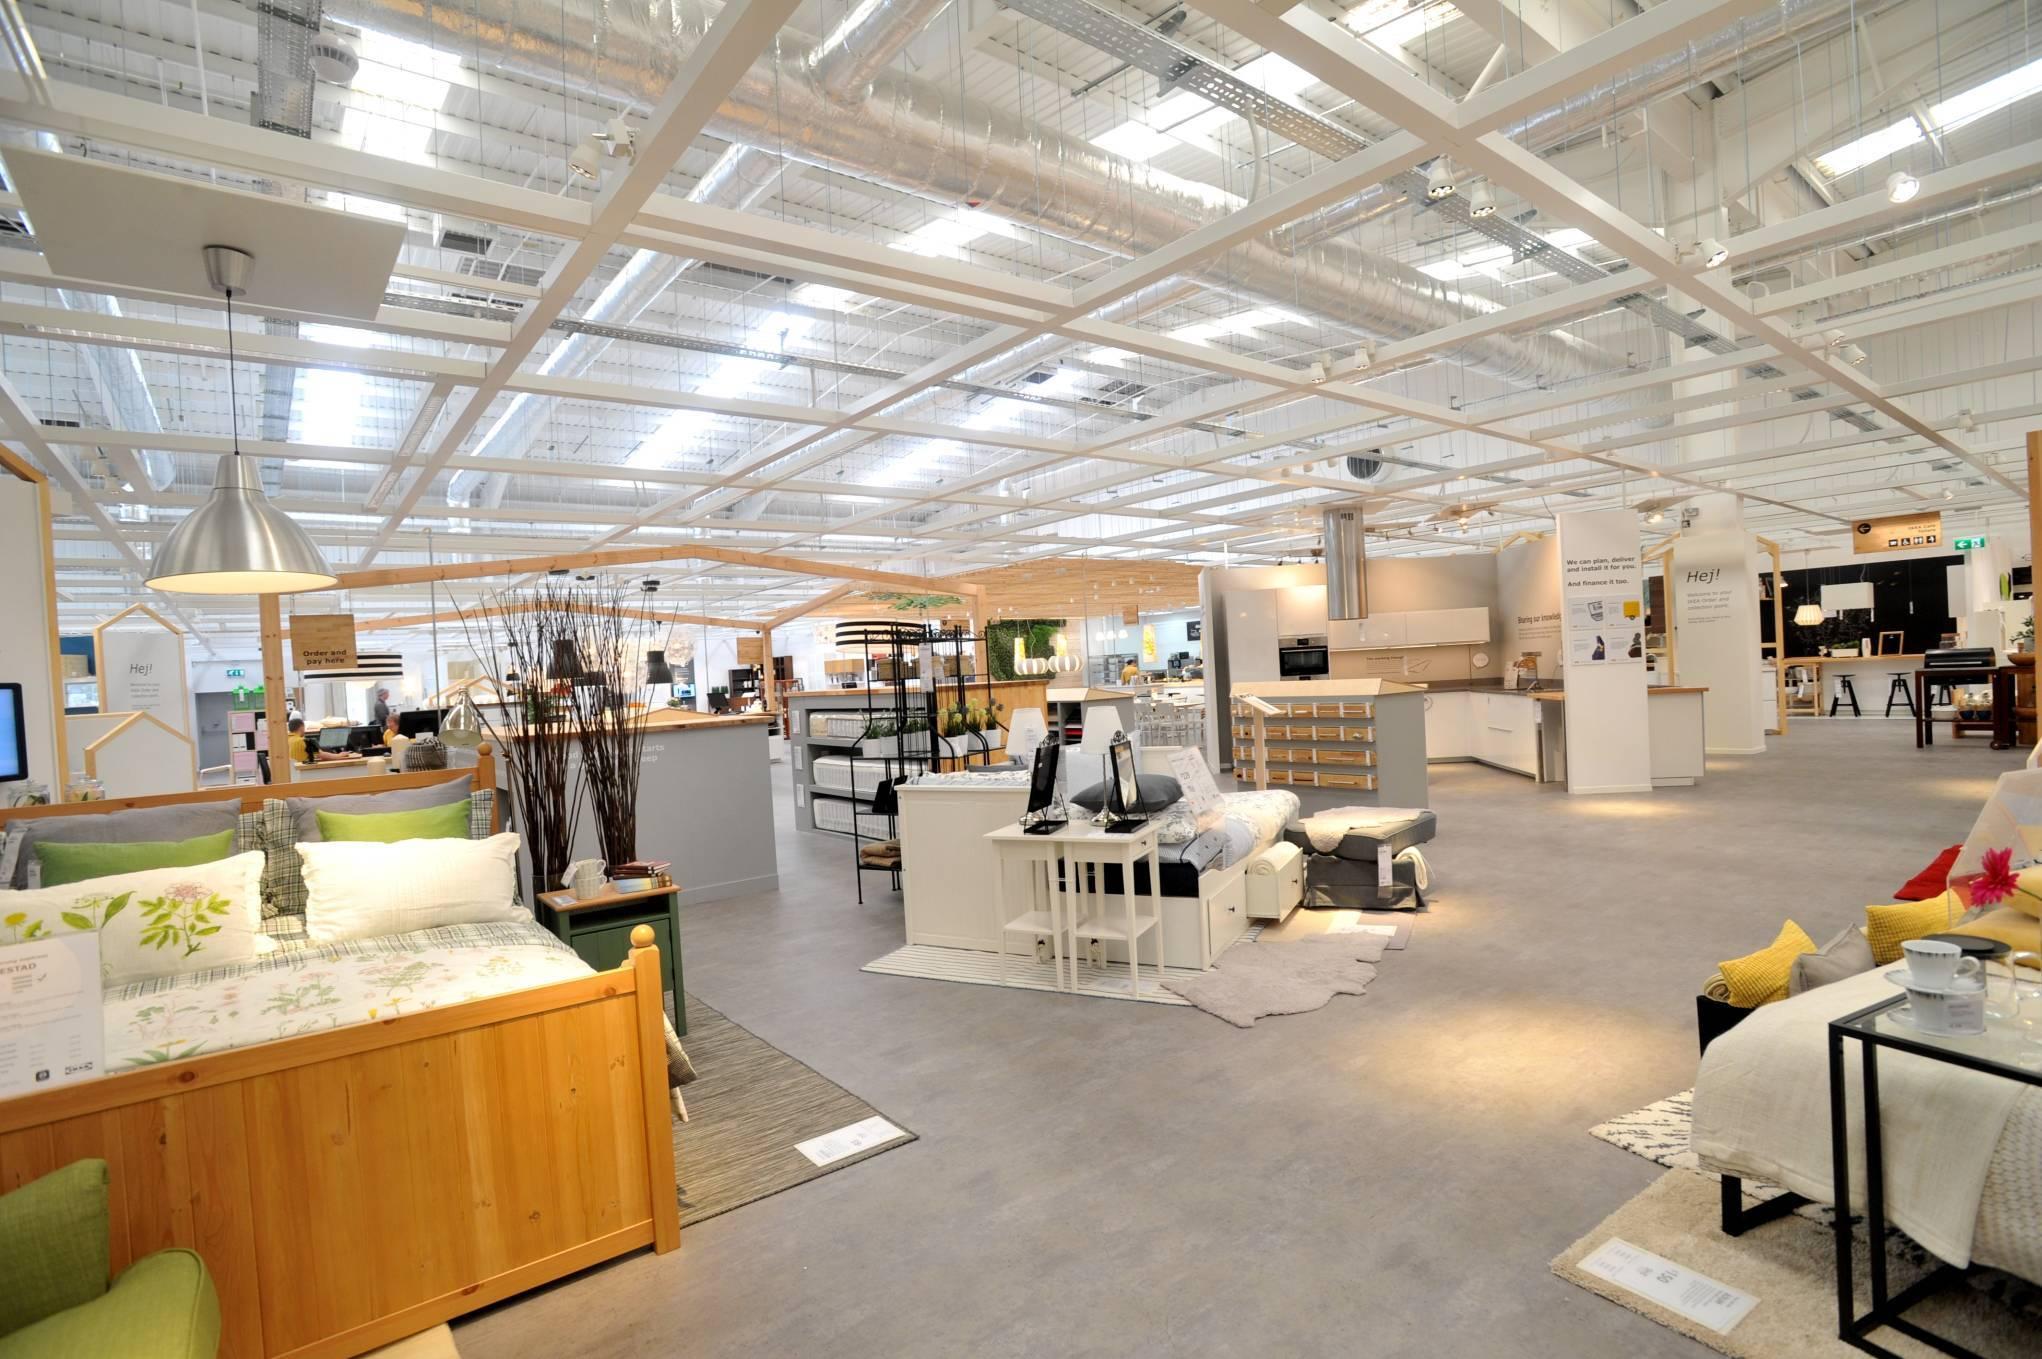 Một cửa hàng bán lẻ đồ nội thất của chuỗi cung ứng IKEA tại Aberdeen, Vương quốc Anh